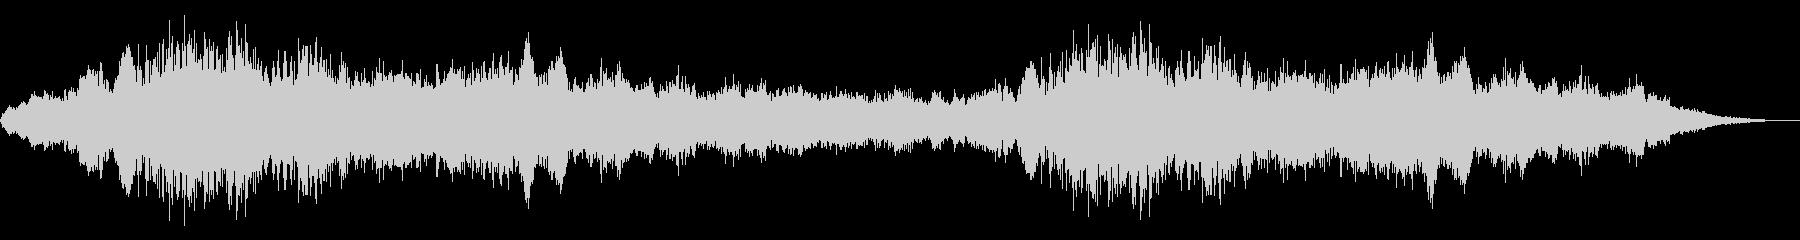 ホラー映画に出てきそうなノイズ系音源11の未再生の波形